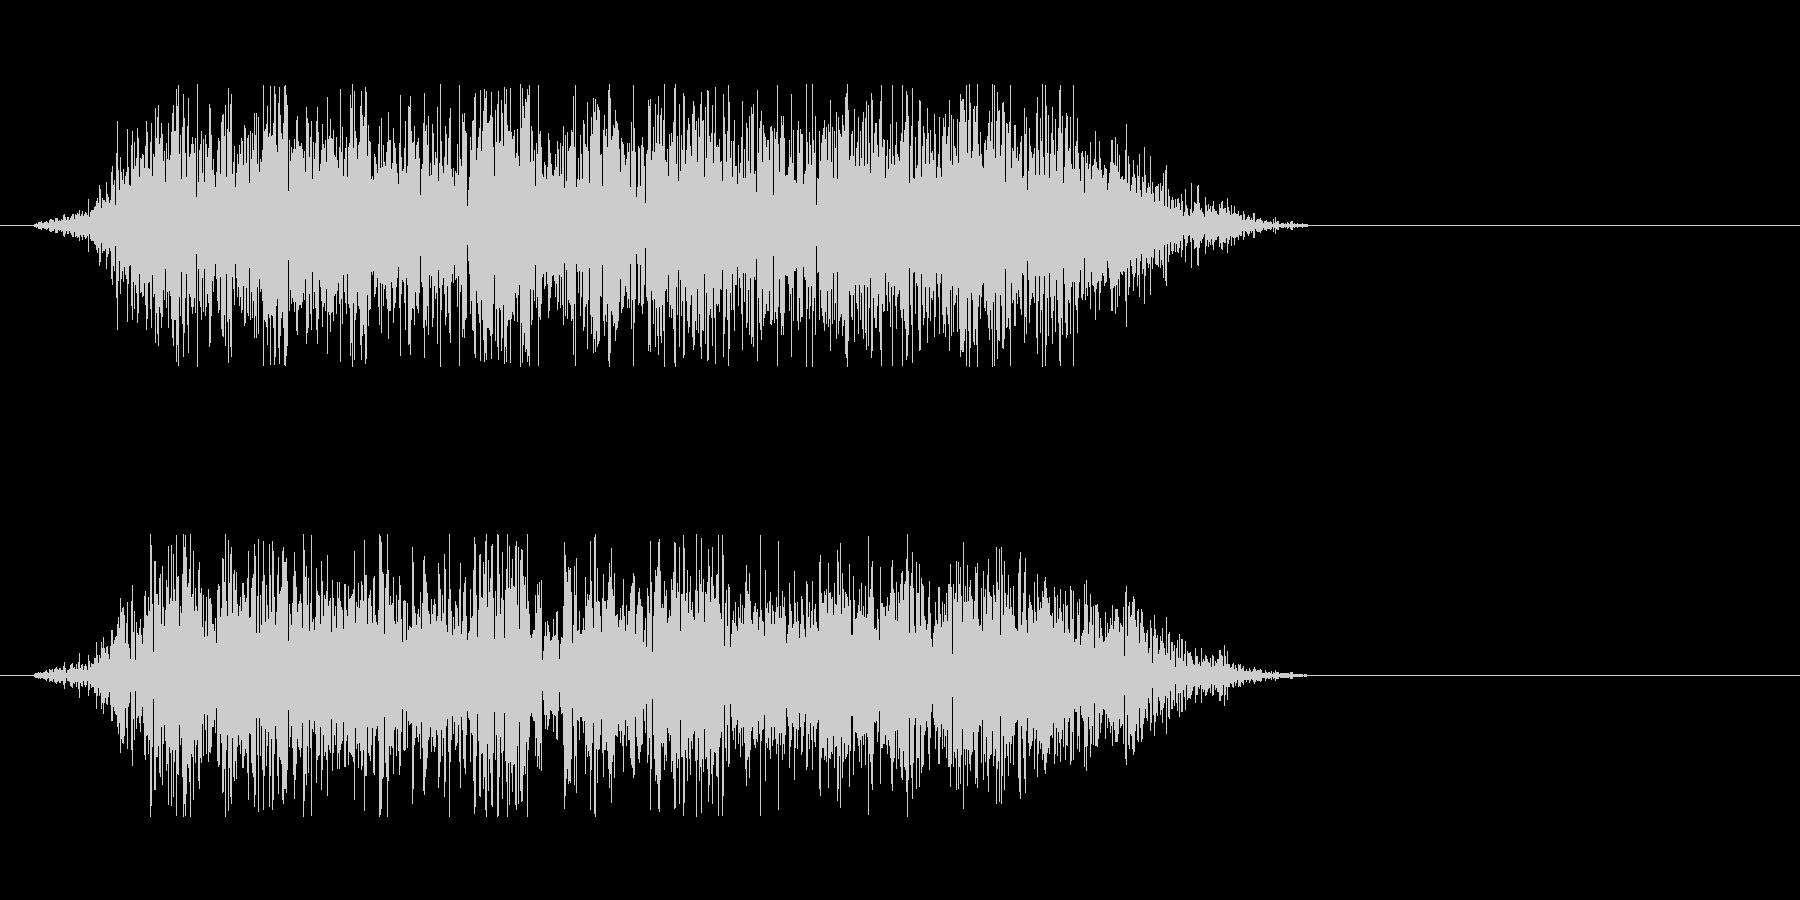 モンスターの雄叫び 3の未再生の波形